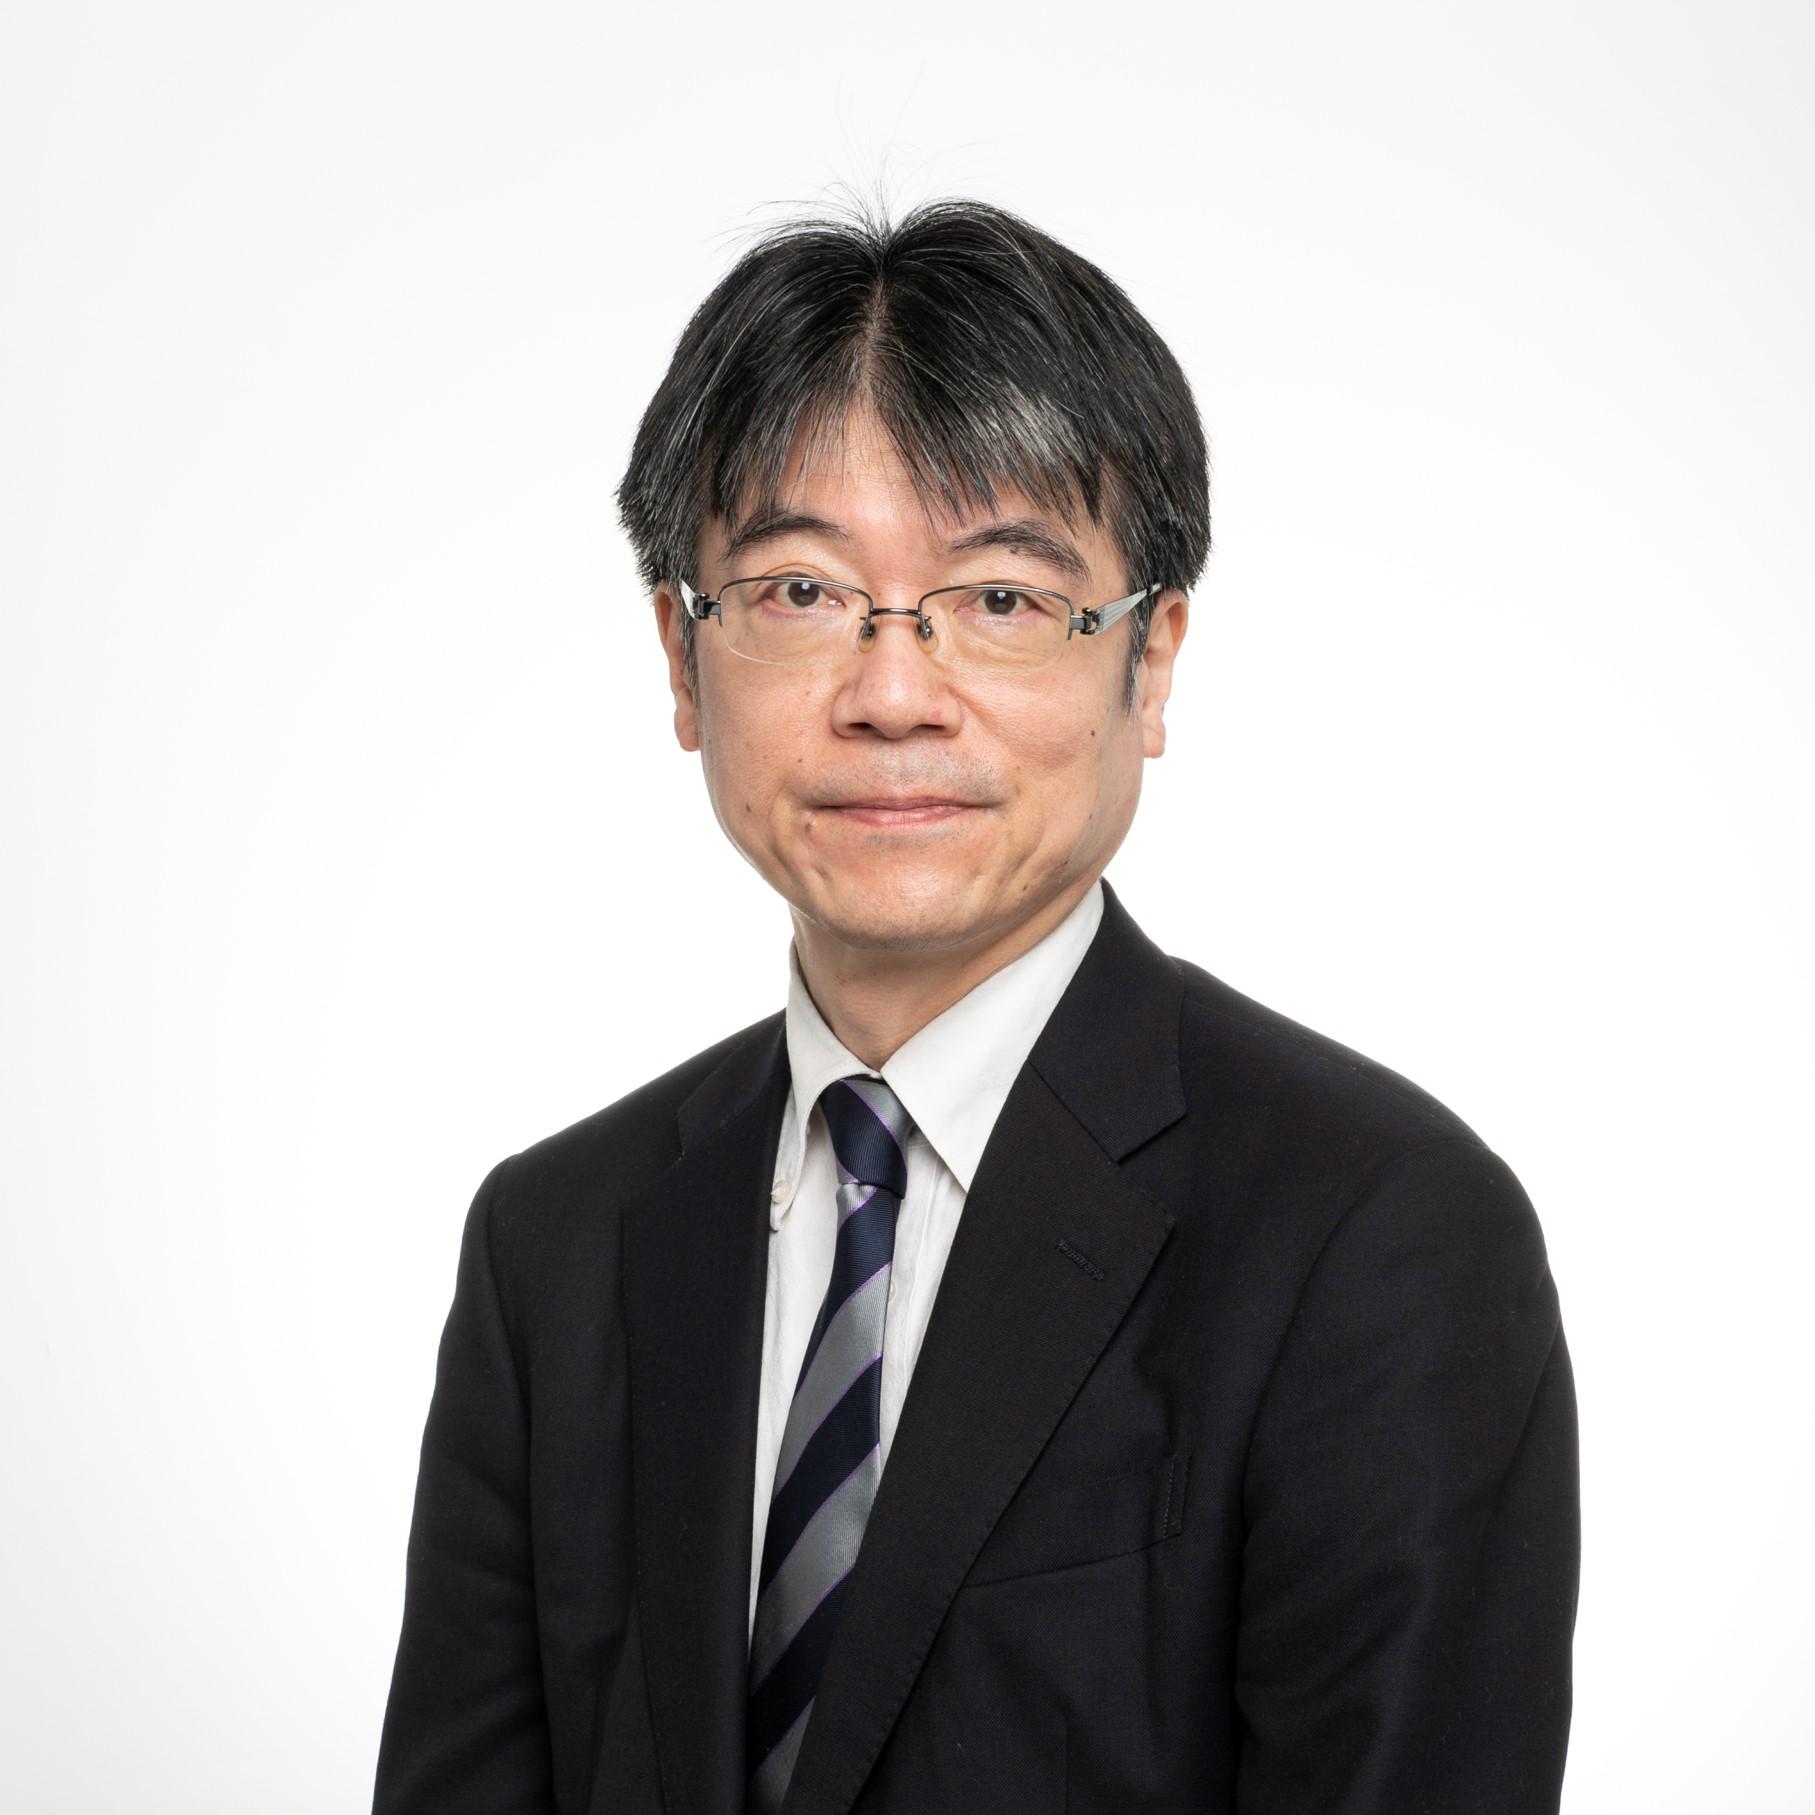 Shinichi Shibata